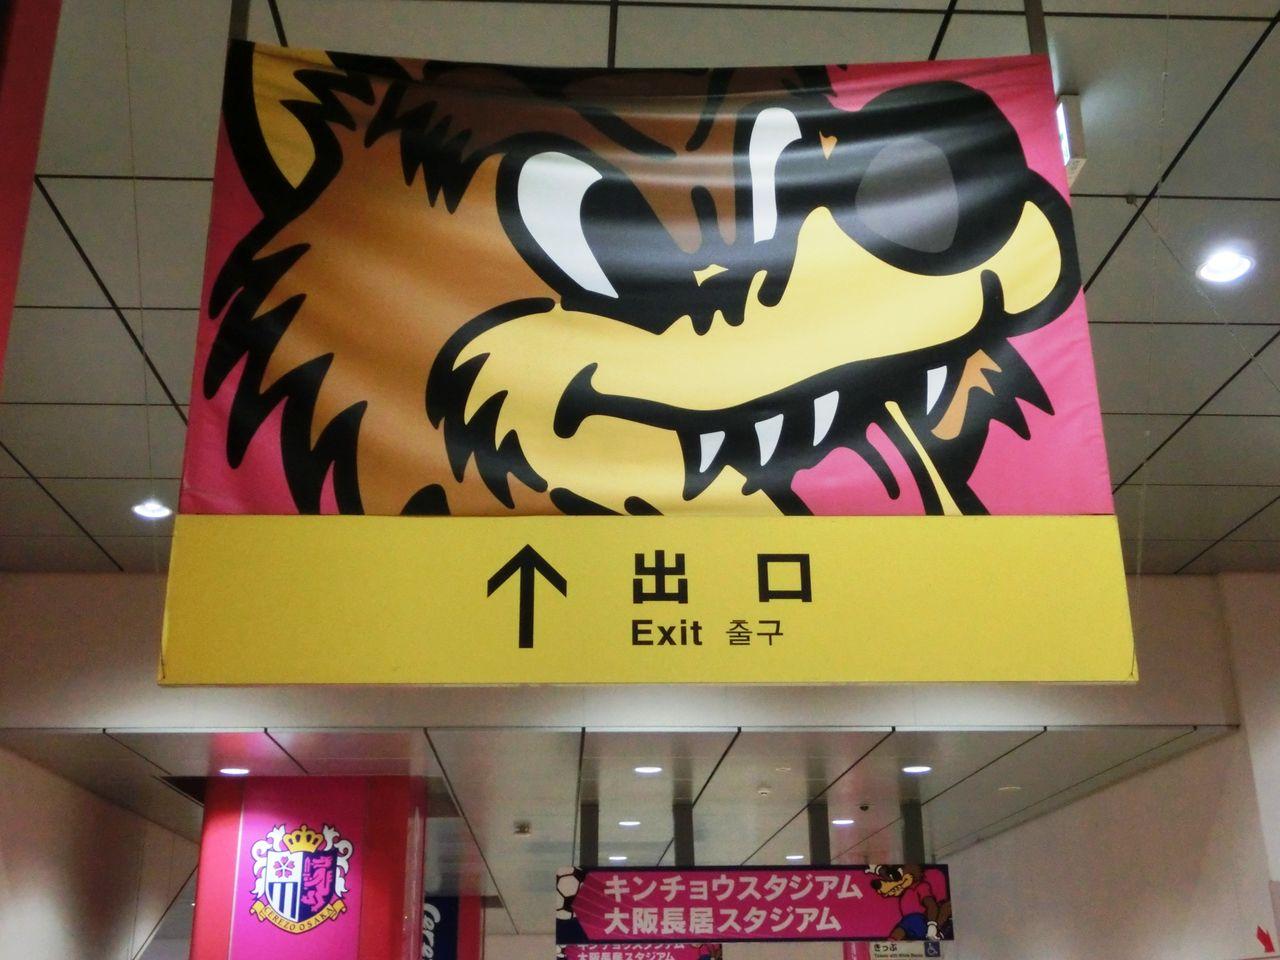 こちらは、チームキャラクターであるオオカミ「ノブレ・バリエンテ・アッチェ... 【阪和線】 鶴ヶ